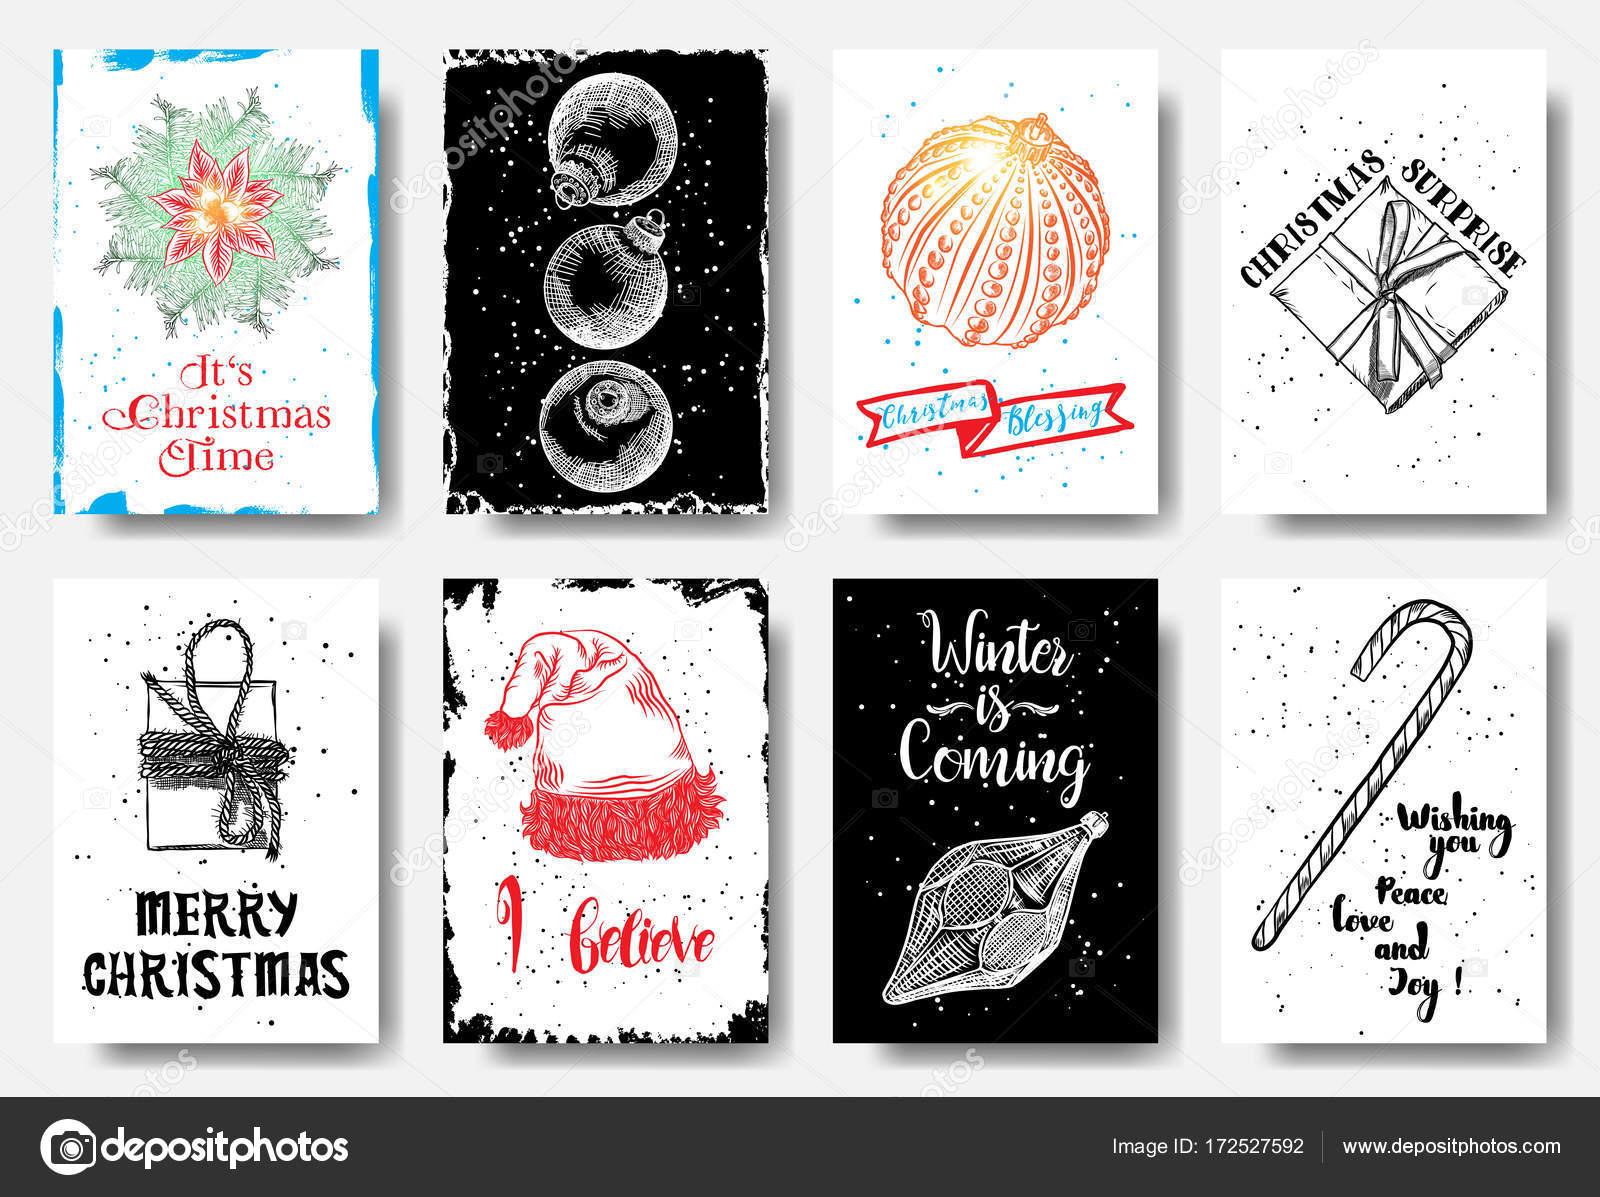 Kreative Weihnachtskarten.Moderne Und Klassische Kreative Weihnachtskarten Stockvektor